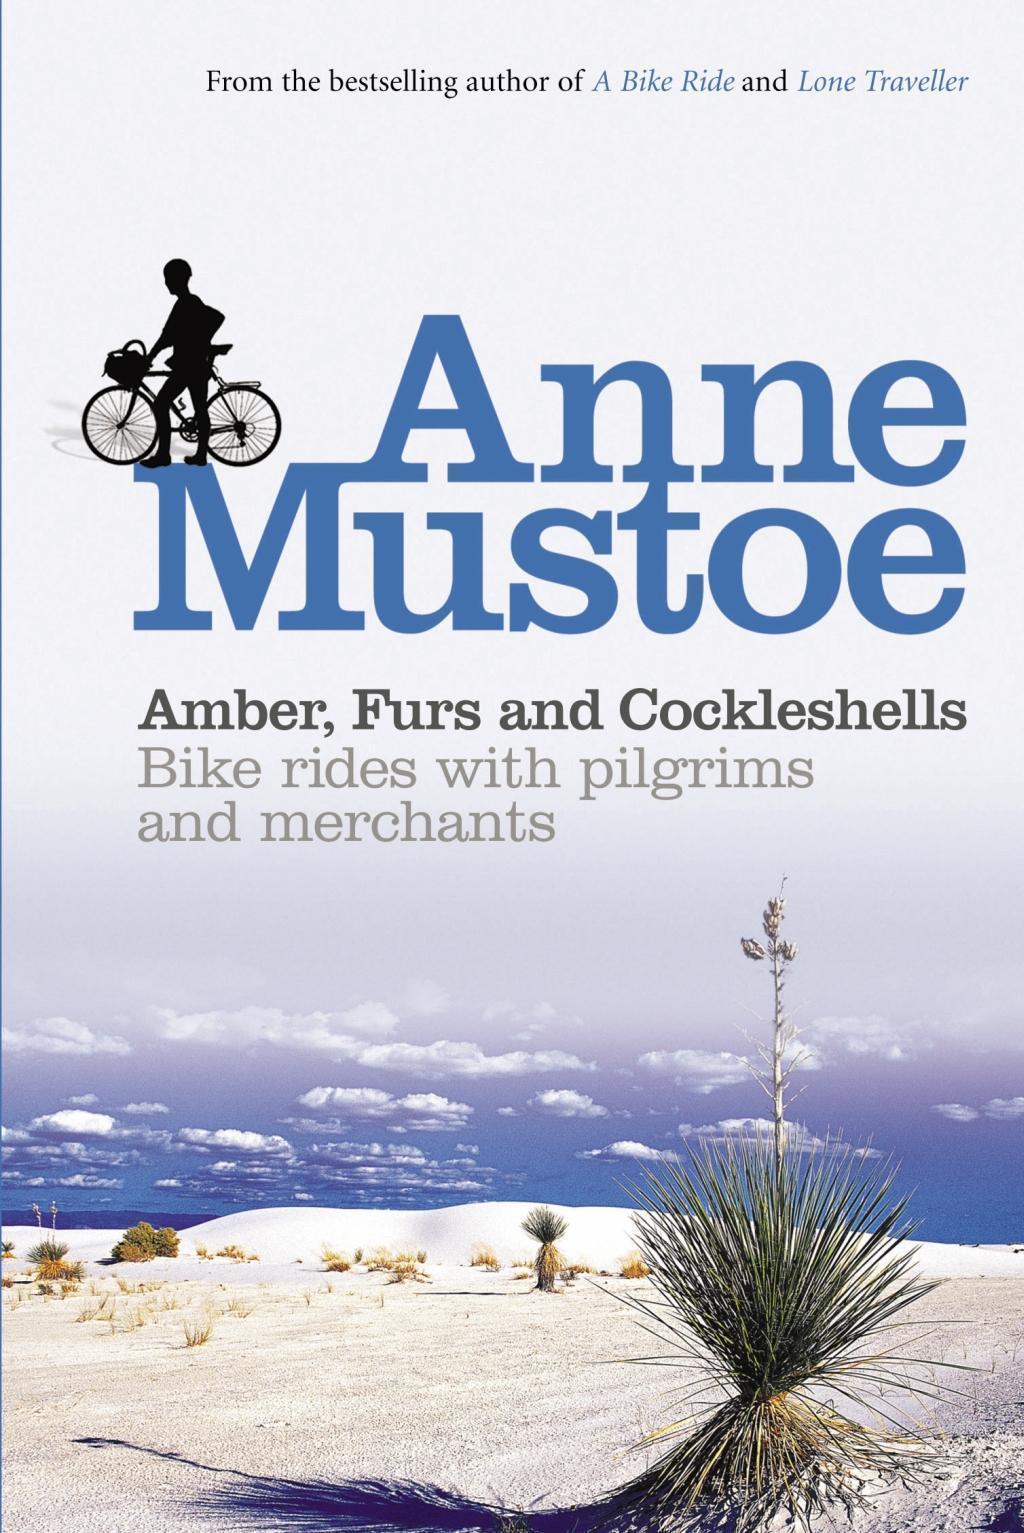 Amber, Furs and Cockleshells